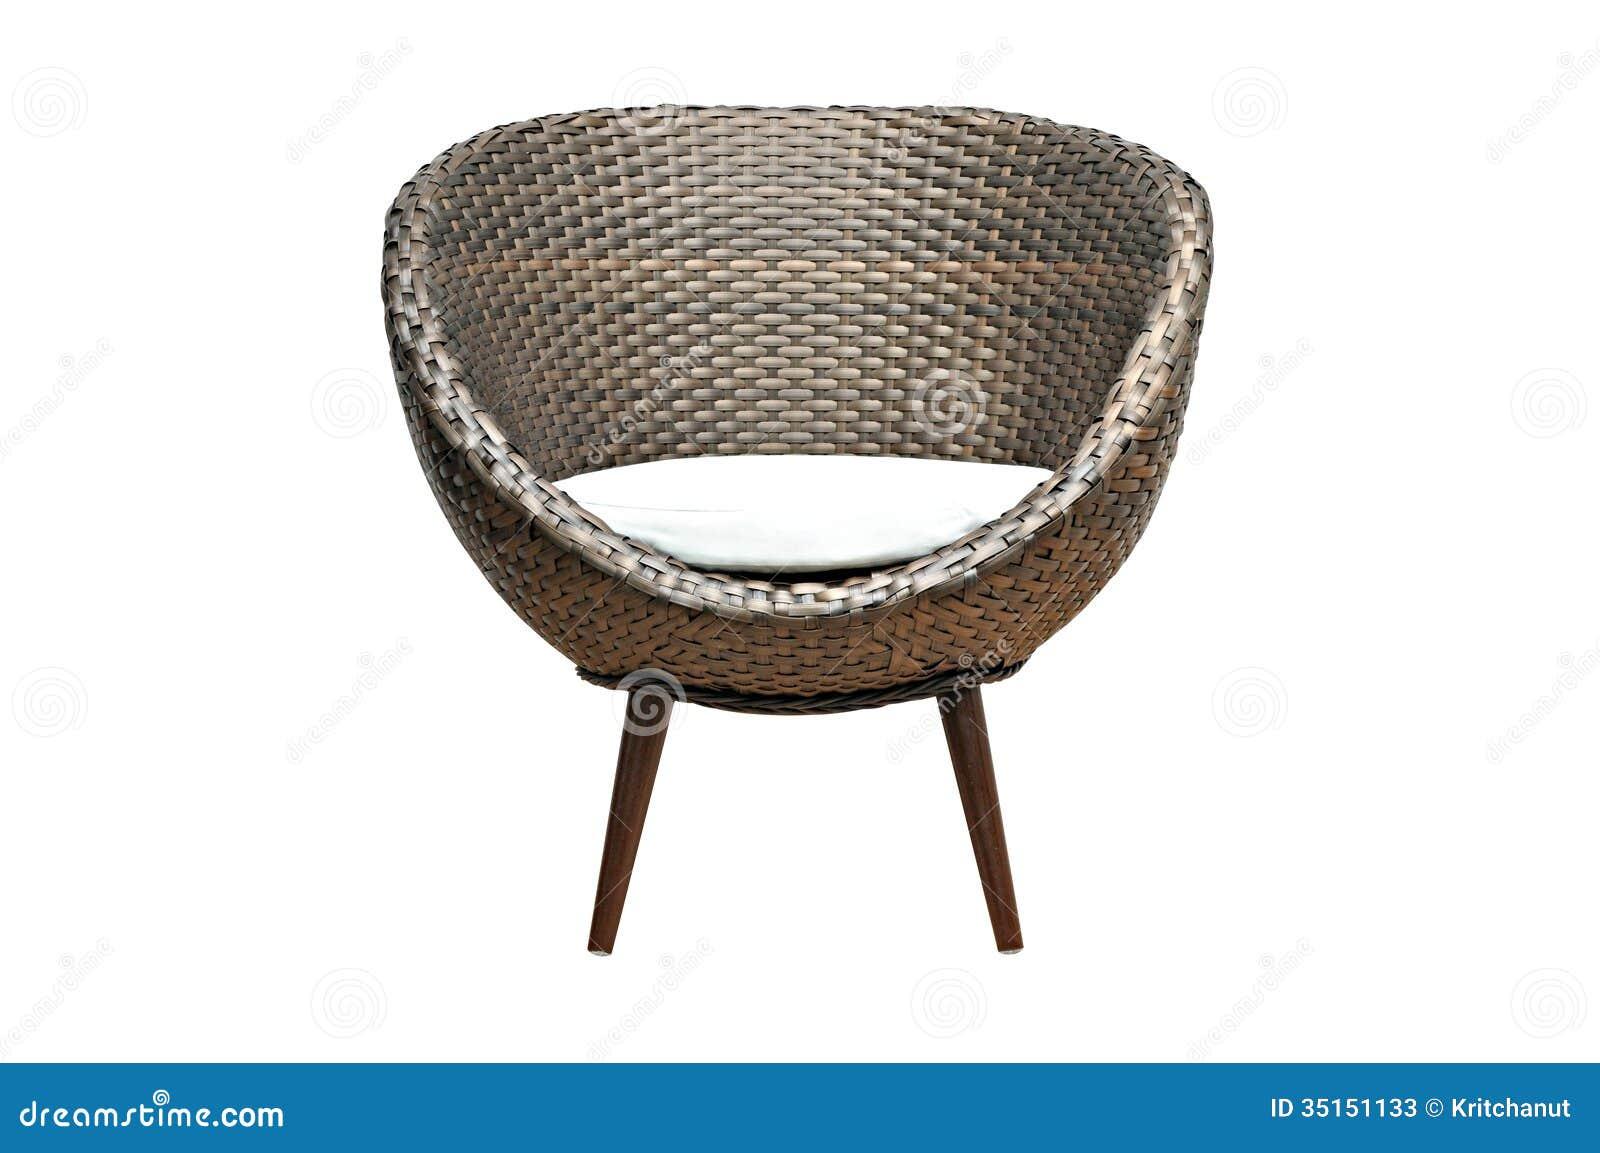 Superb Beautiful Modern Wicker Chair